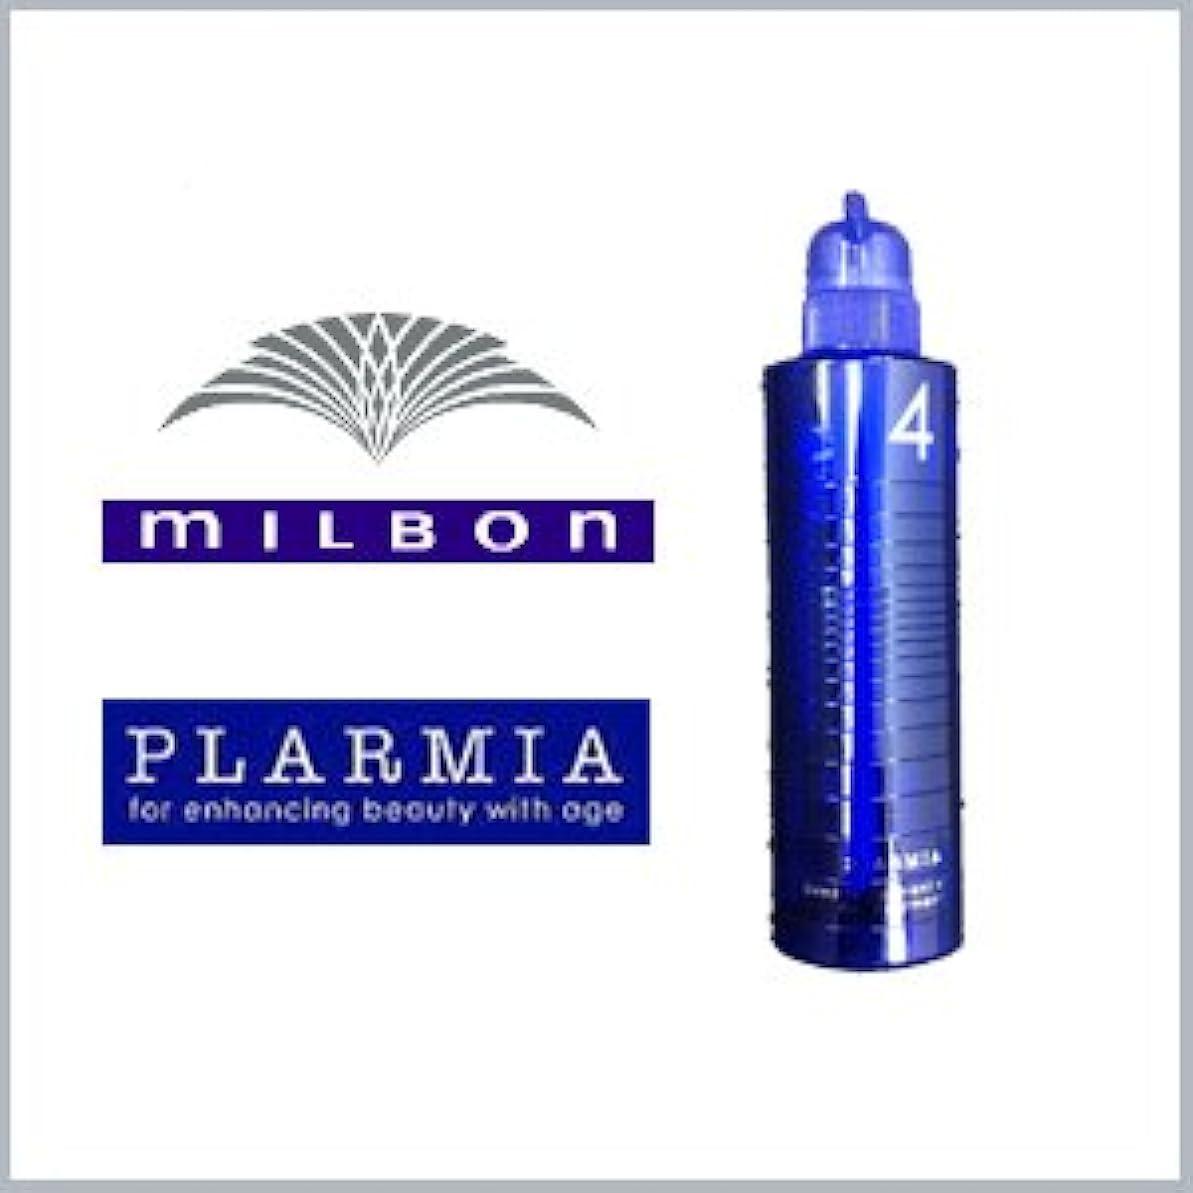 ここに辞書編集者ミルボン プラーミア ディープエナジメント4 空容器 500g